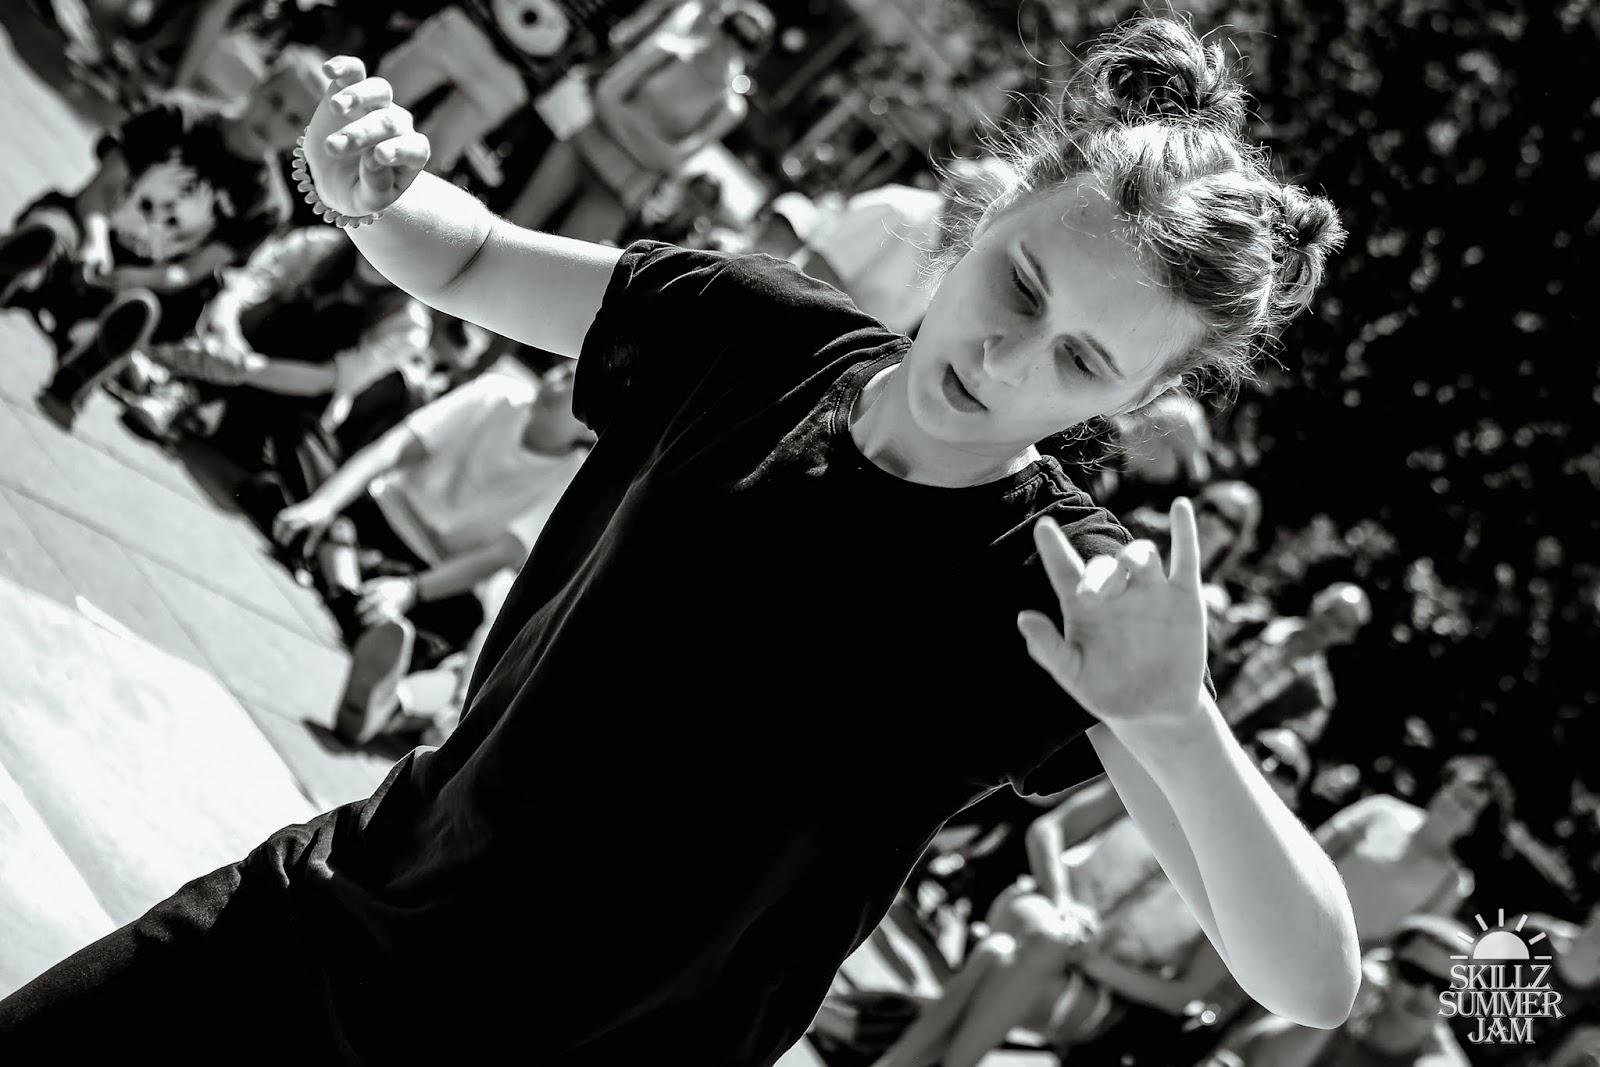 SKILLZ Summer Jam 2016 - IMG_0979.jpg